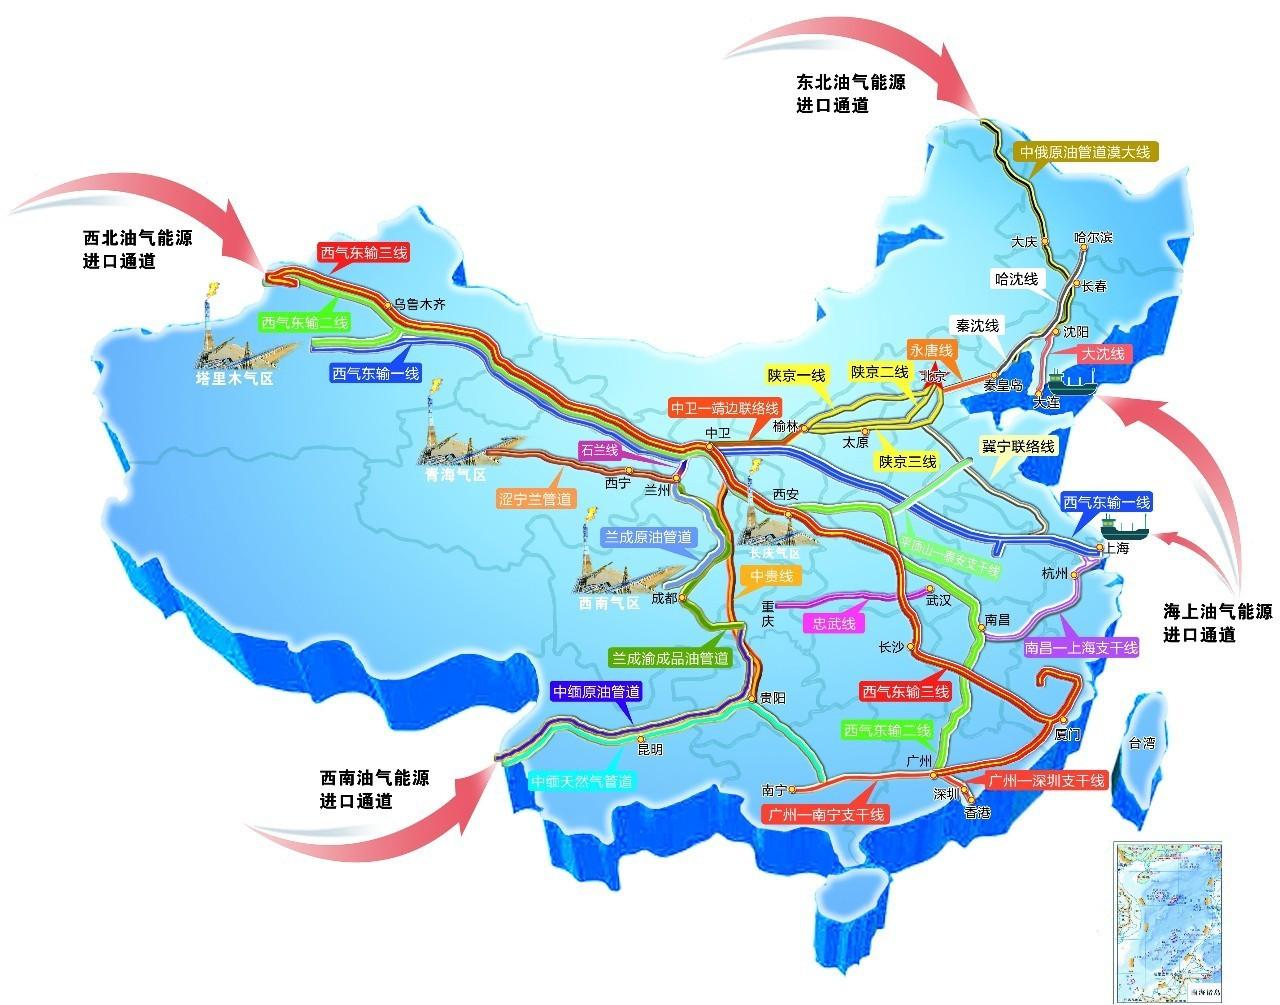 中亚天然气管道已累计向中国输气超3000亿立方米_网易视频